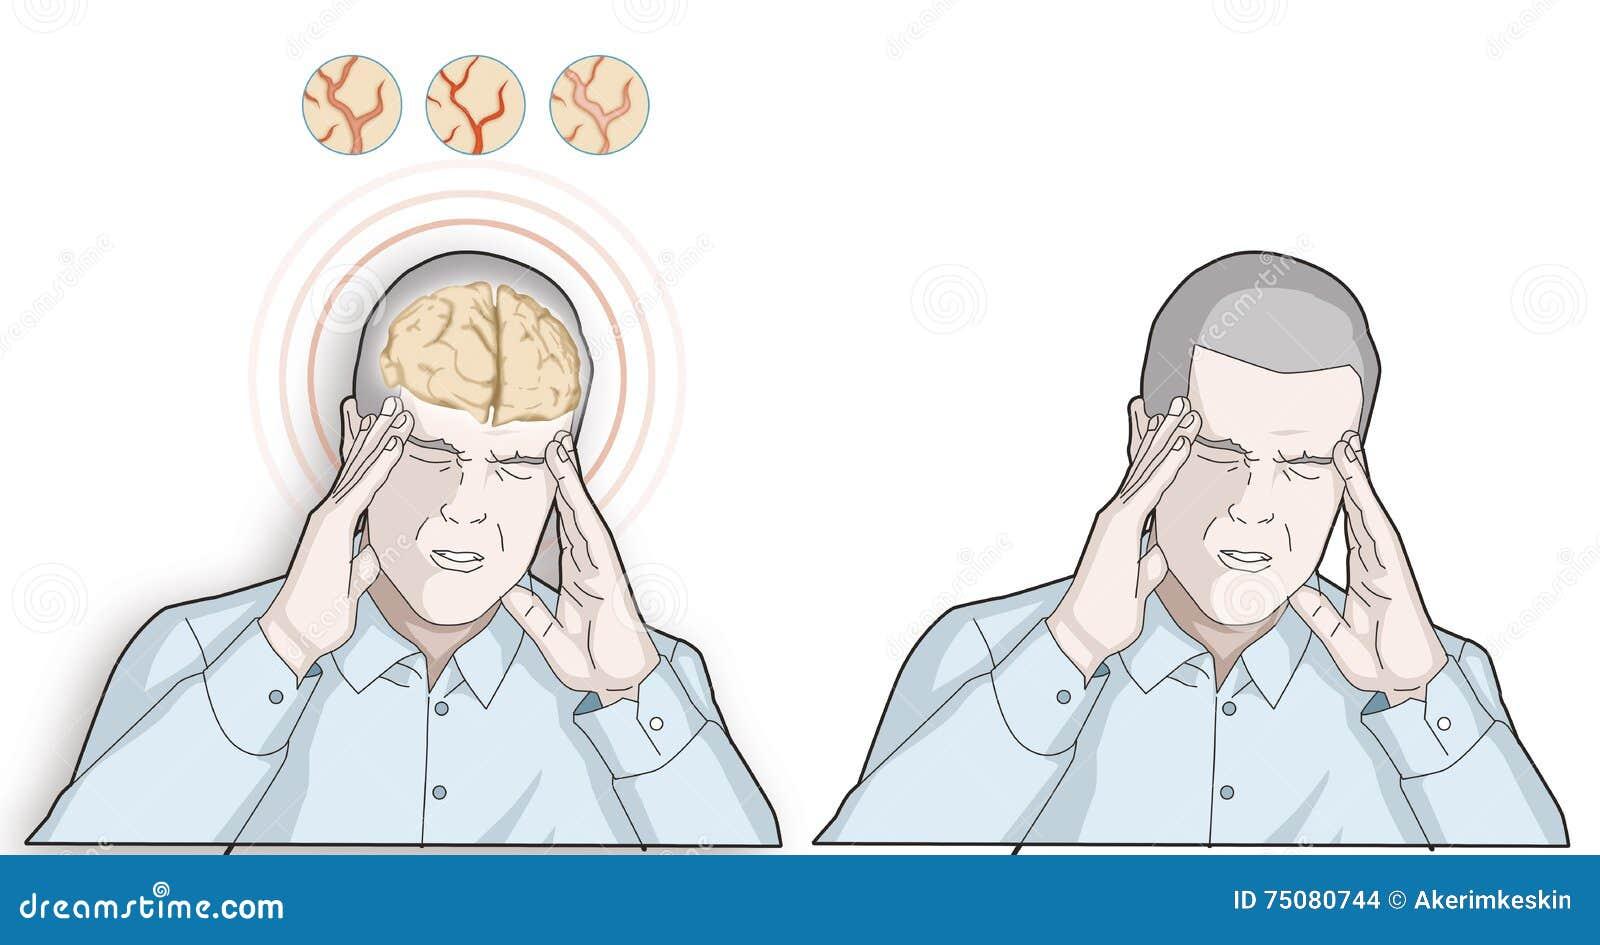 Korona 頭痛